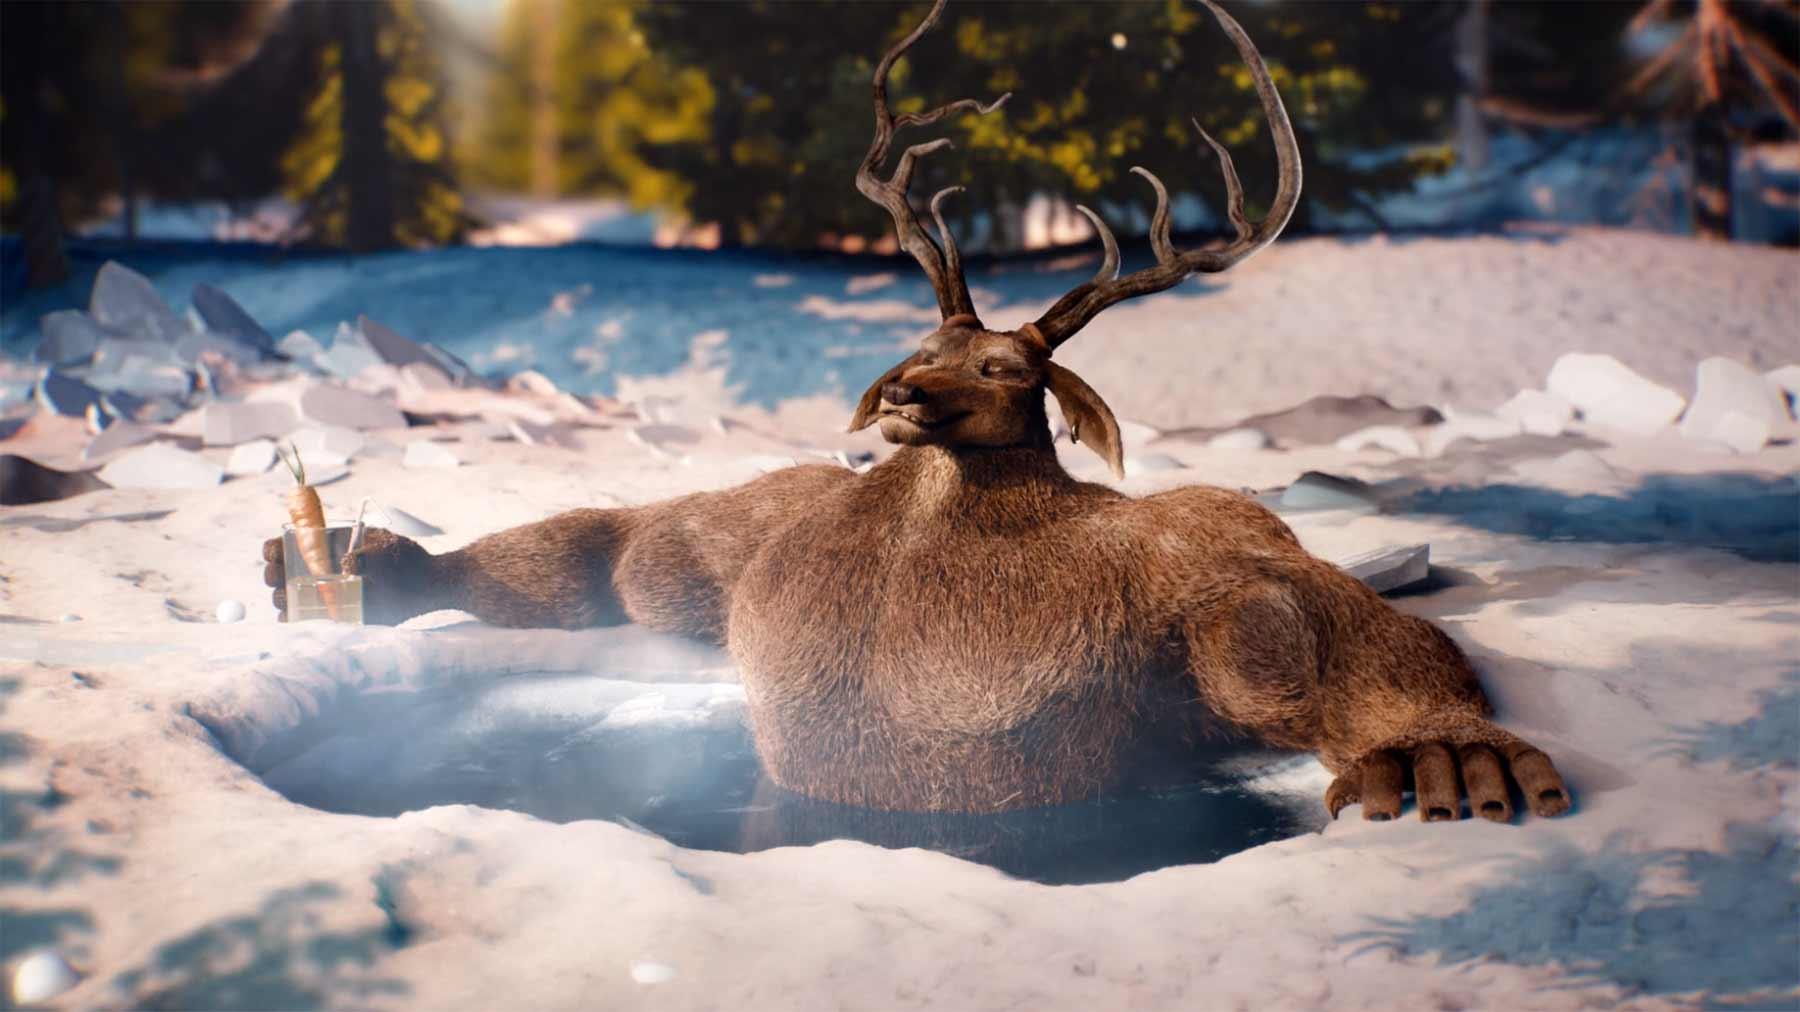 Rudolph, das hart an seinem Körper schuftende Rentier